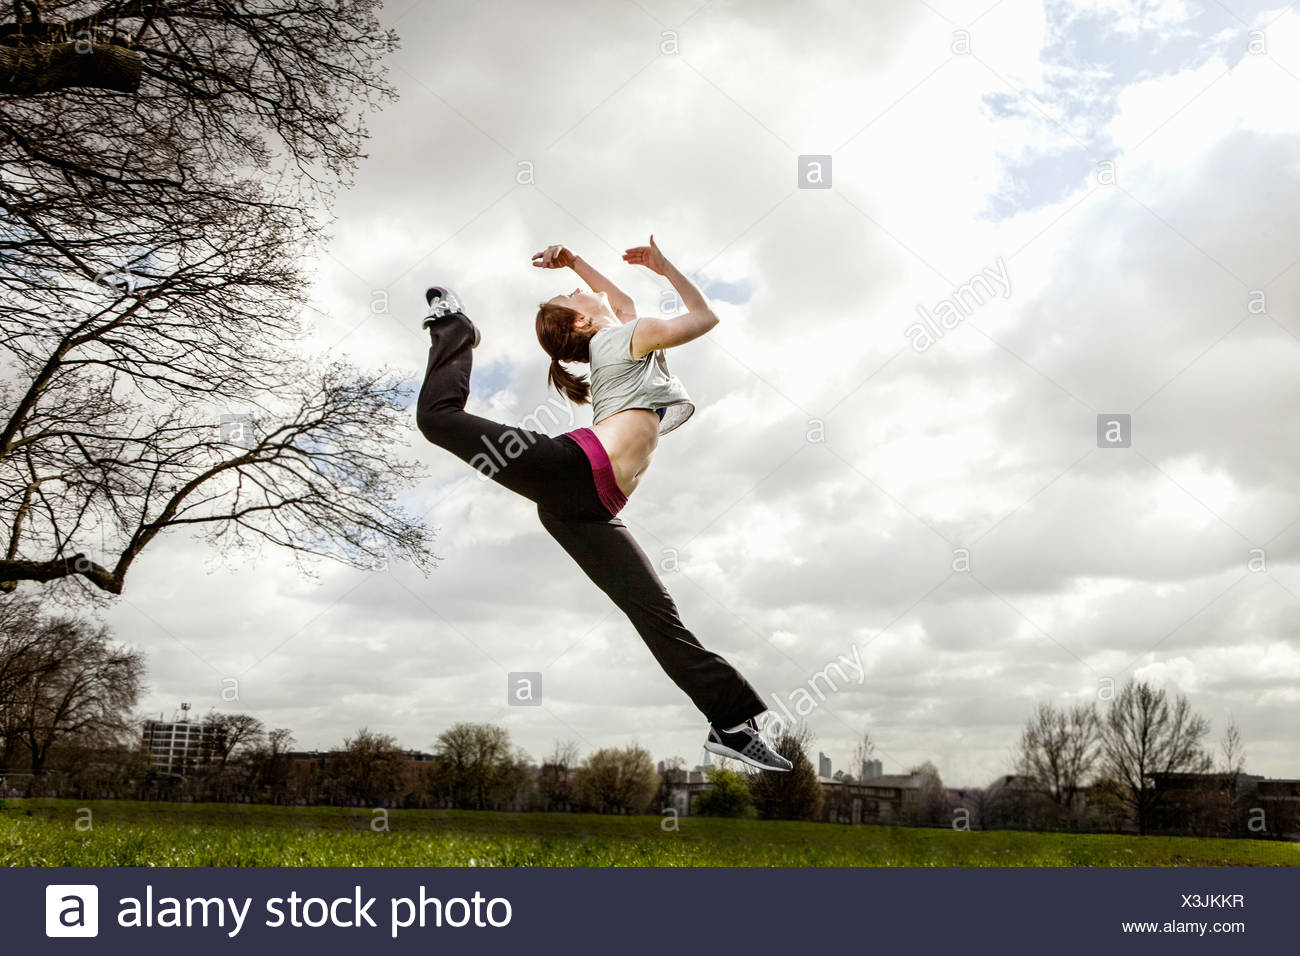 Mujer saltando en medio del aire con la pierna doblada Imagen De Stock